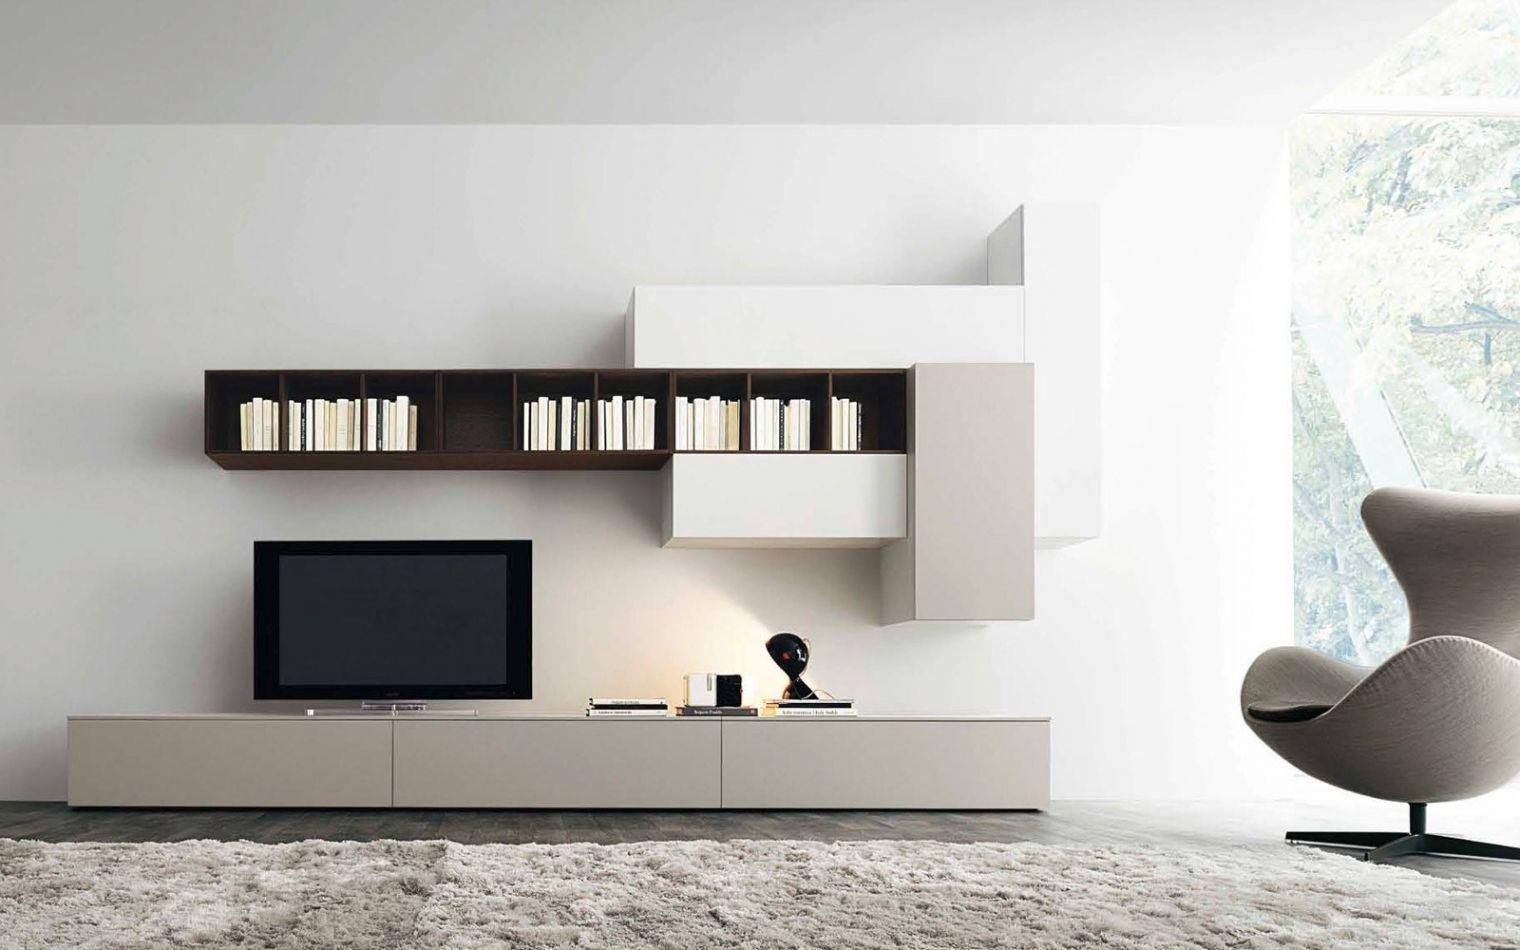 neu wohnzimmer wand möbel | wohnen, wohnzimmer modern